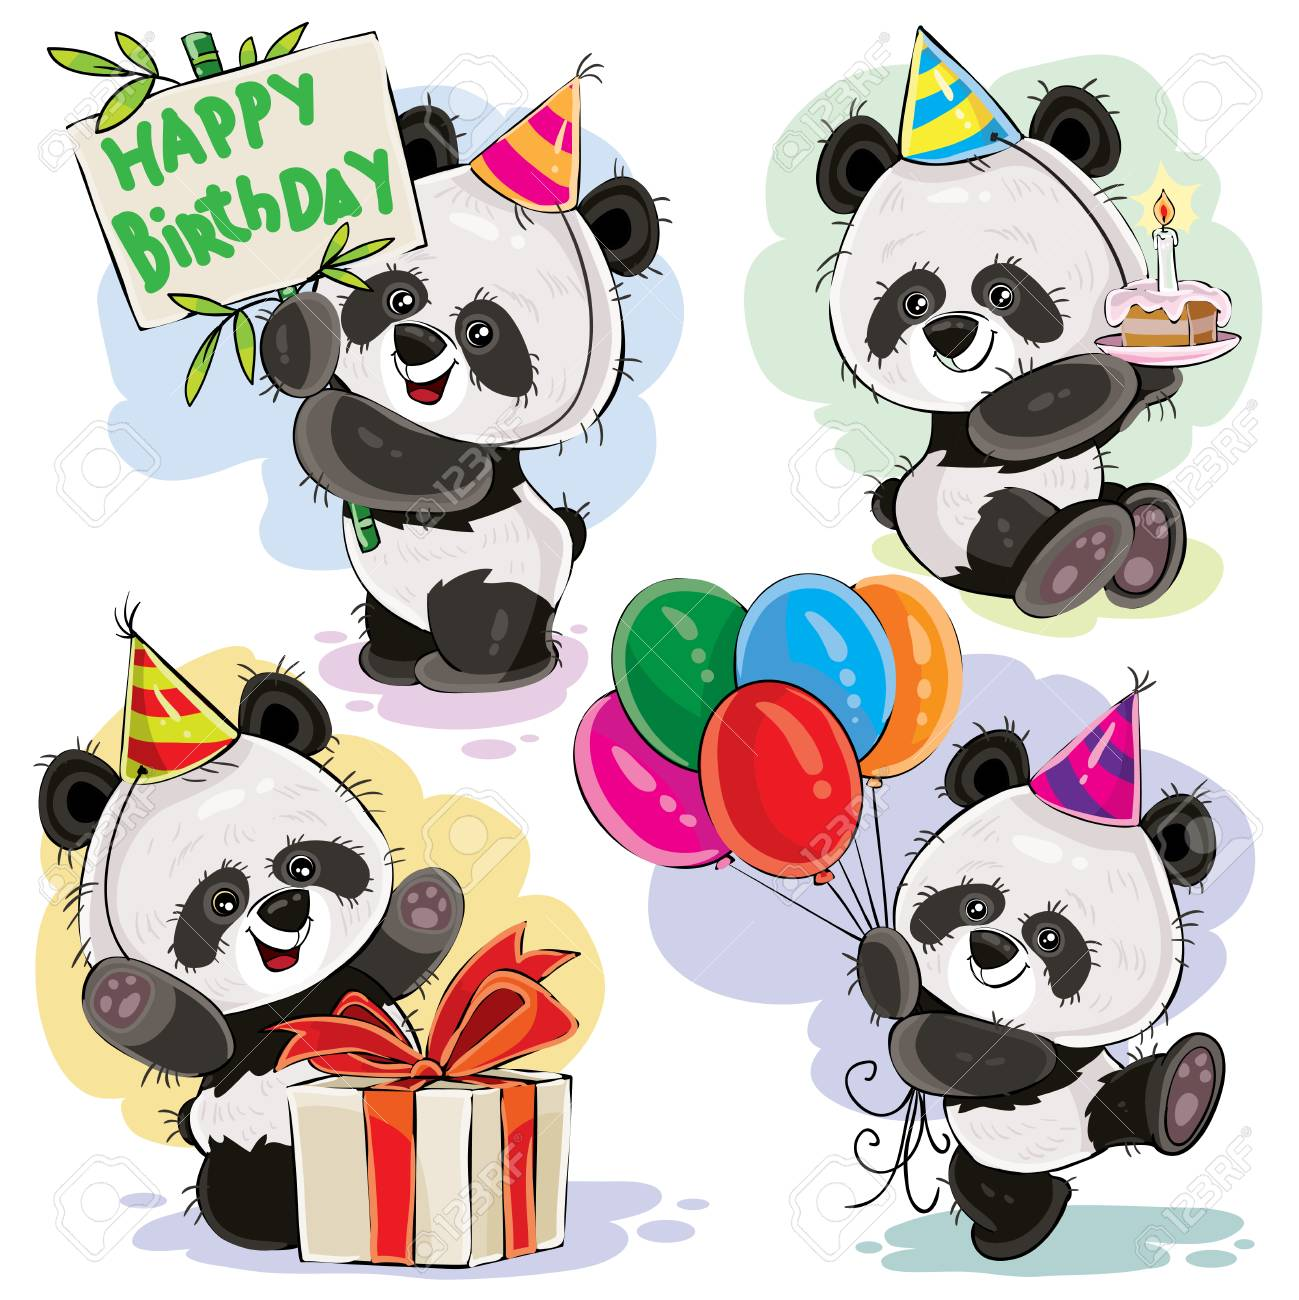 Panda Mignon Porte Bébé Personnages De Dessin Animé Célébrant Lanniversaire Avec Le Gâteau Les Ballons Et Présente En Coffret Vector Illustration